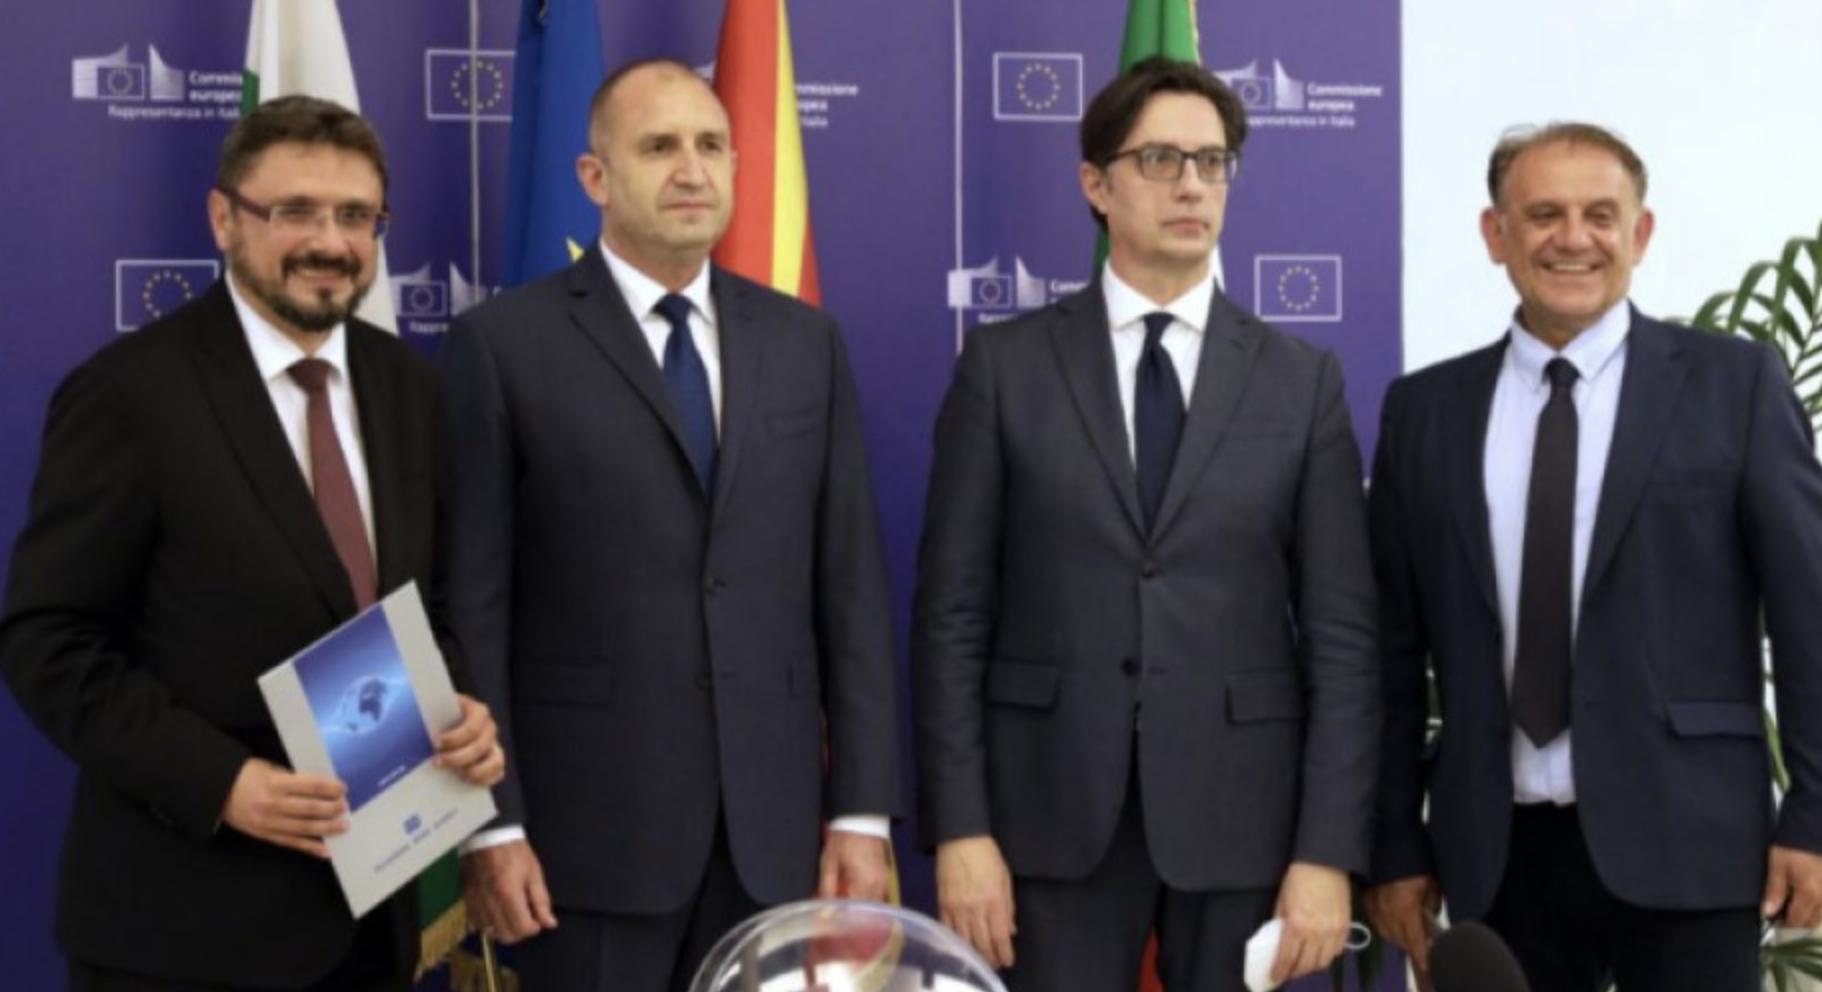 Potpisan sporazum o saradnji novinskih agencija Bugarske i Severne Makedonije